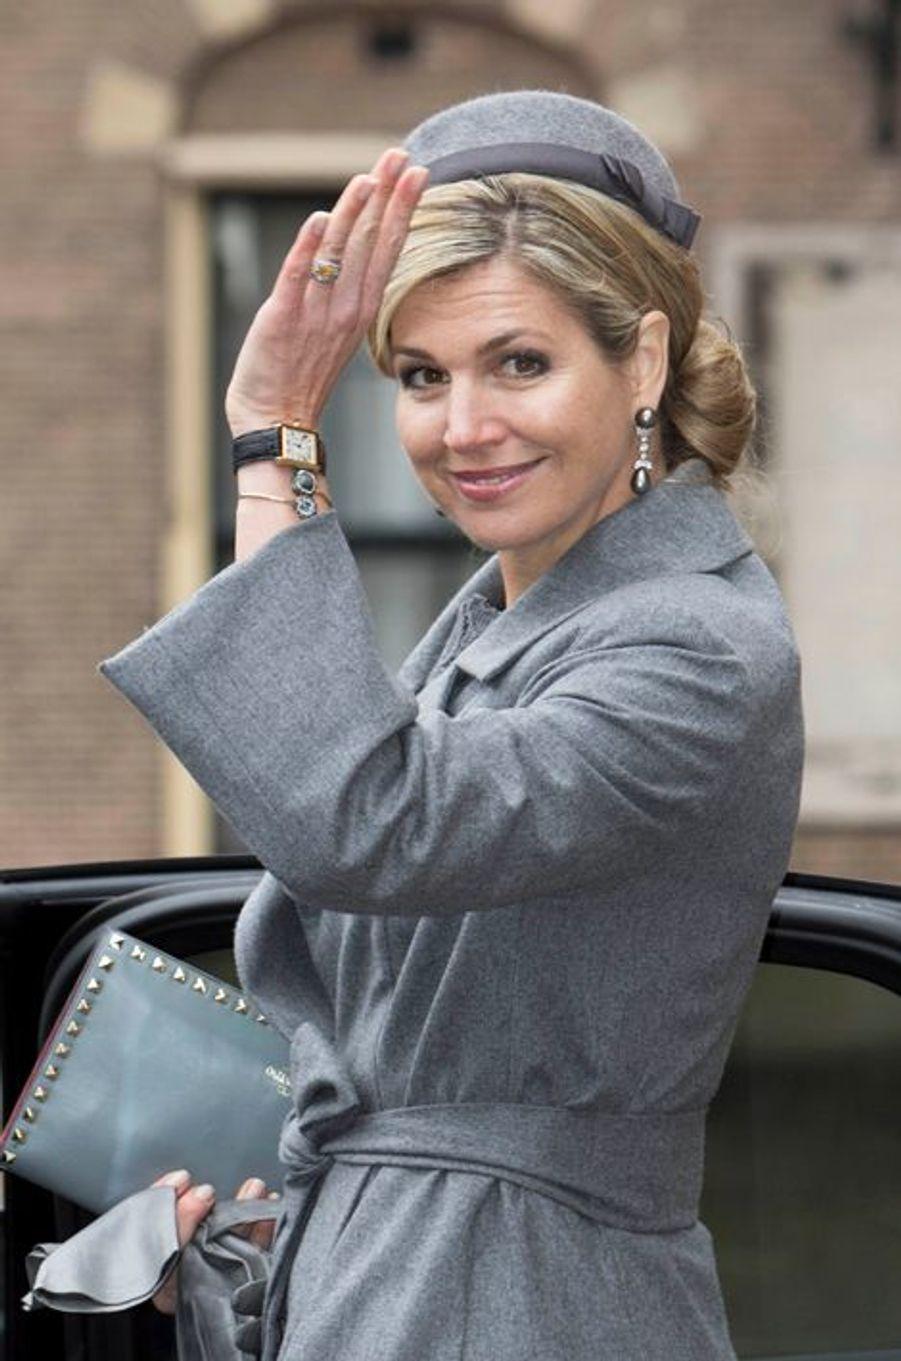 La reine Maxima des Pays-Bas à La Haye, le 15 mars 2016